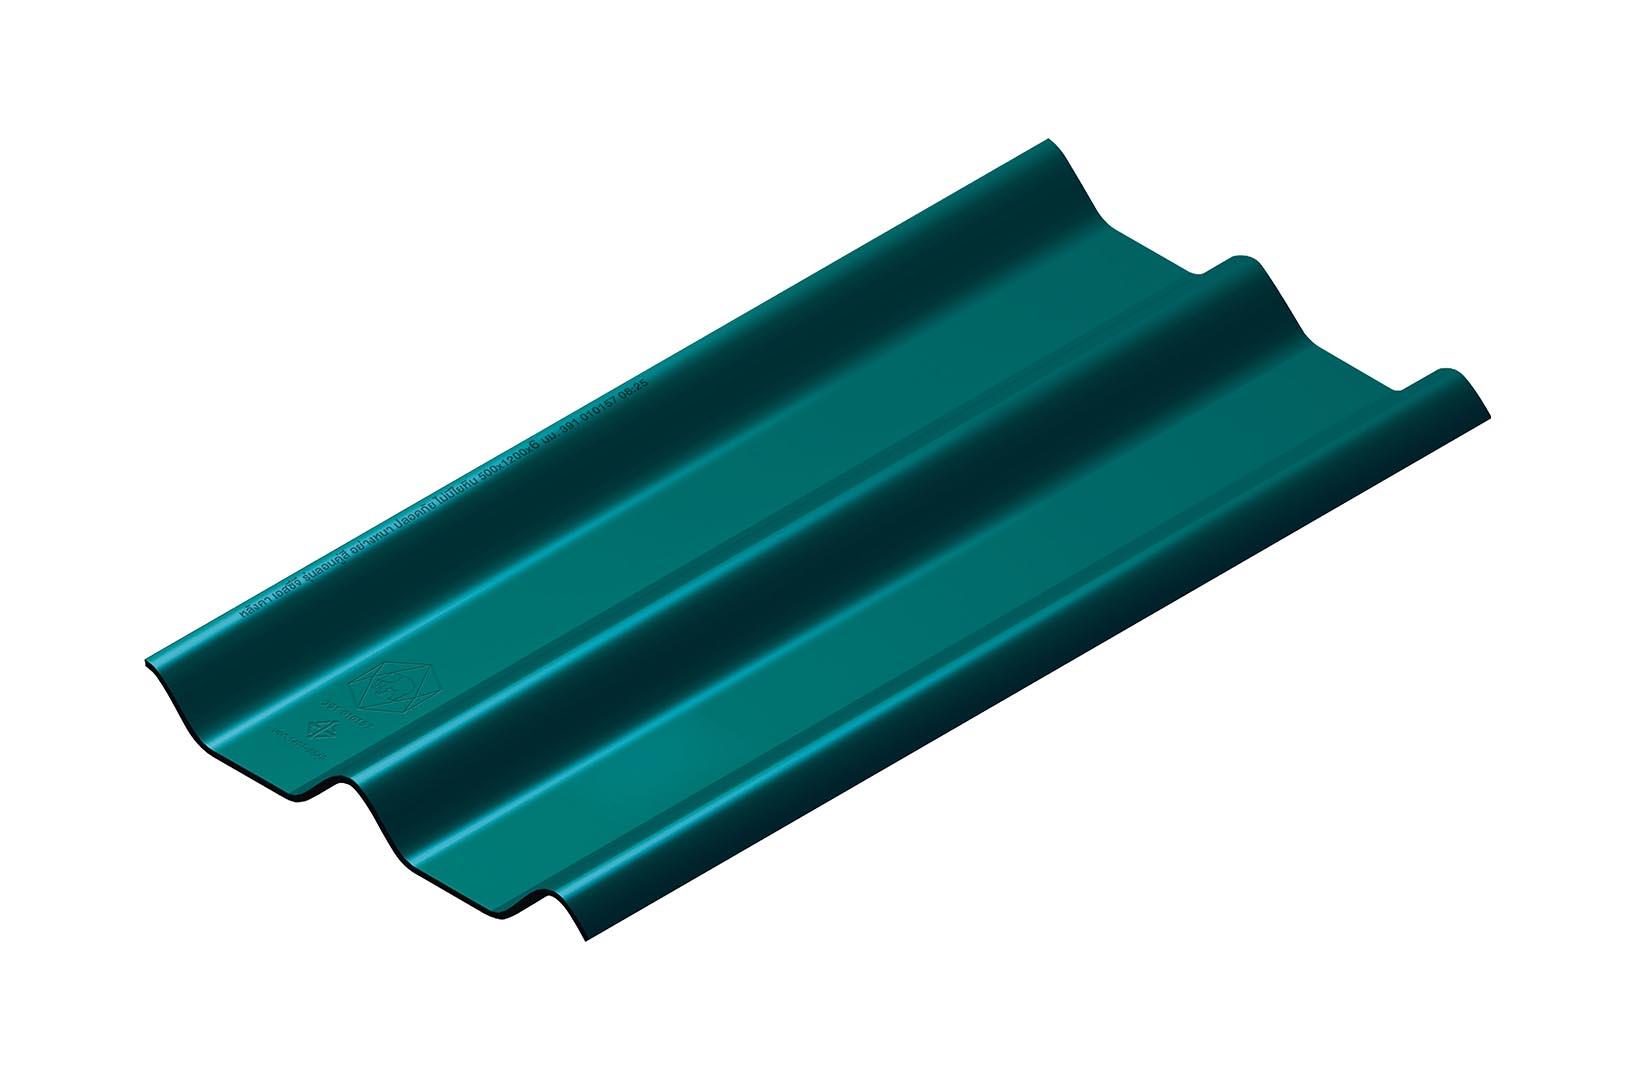 หลังคาไฟเบอร์ซีเมนต์ เอสซีจี รุ่น ลอนคู่ไฮบริด 50x150x0.55 สีเขียวสมุทร 1